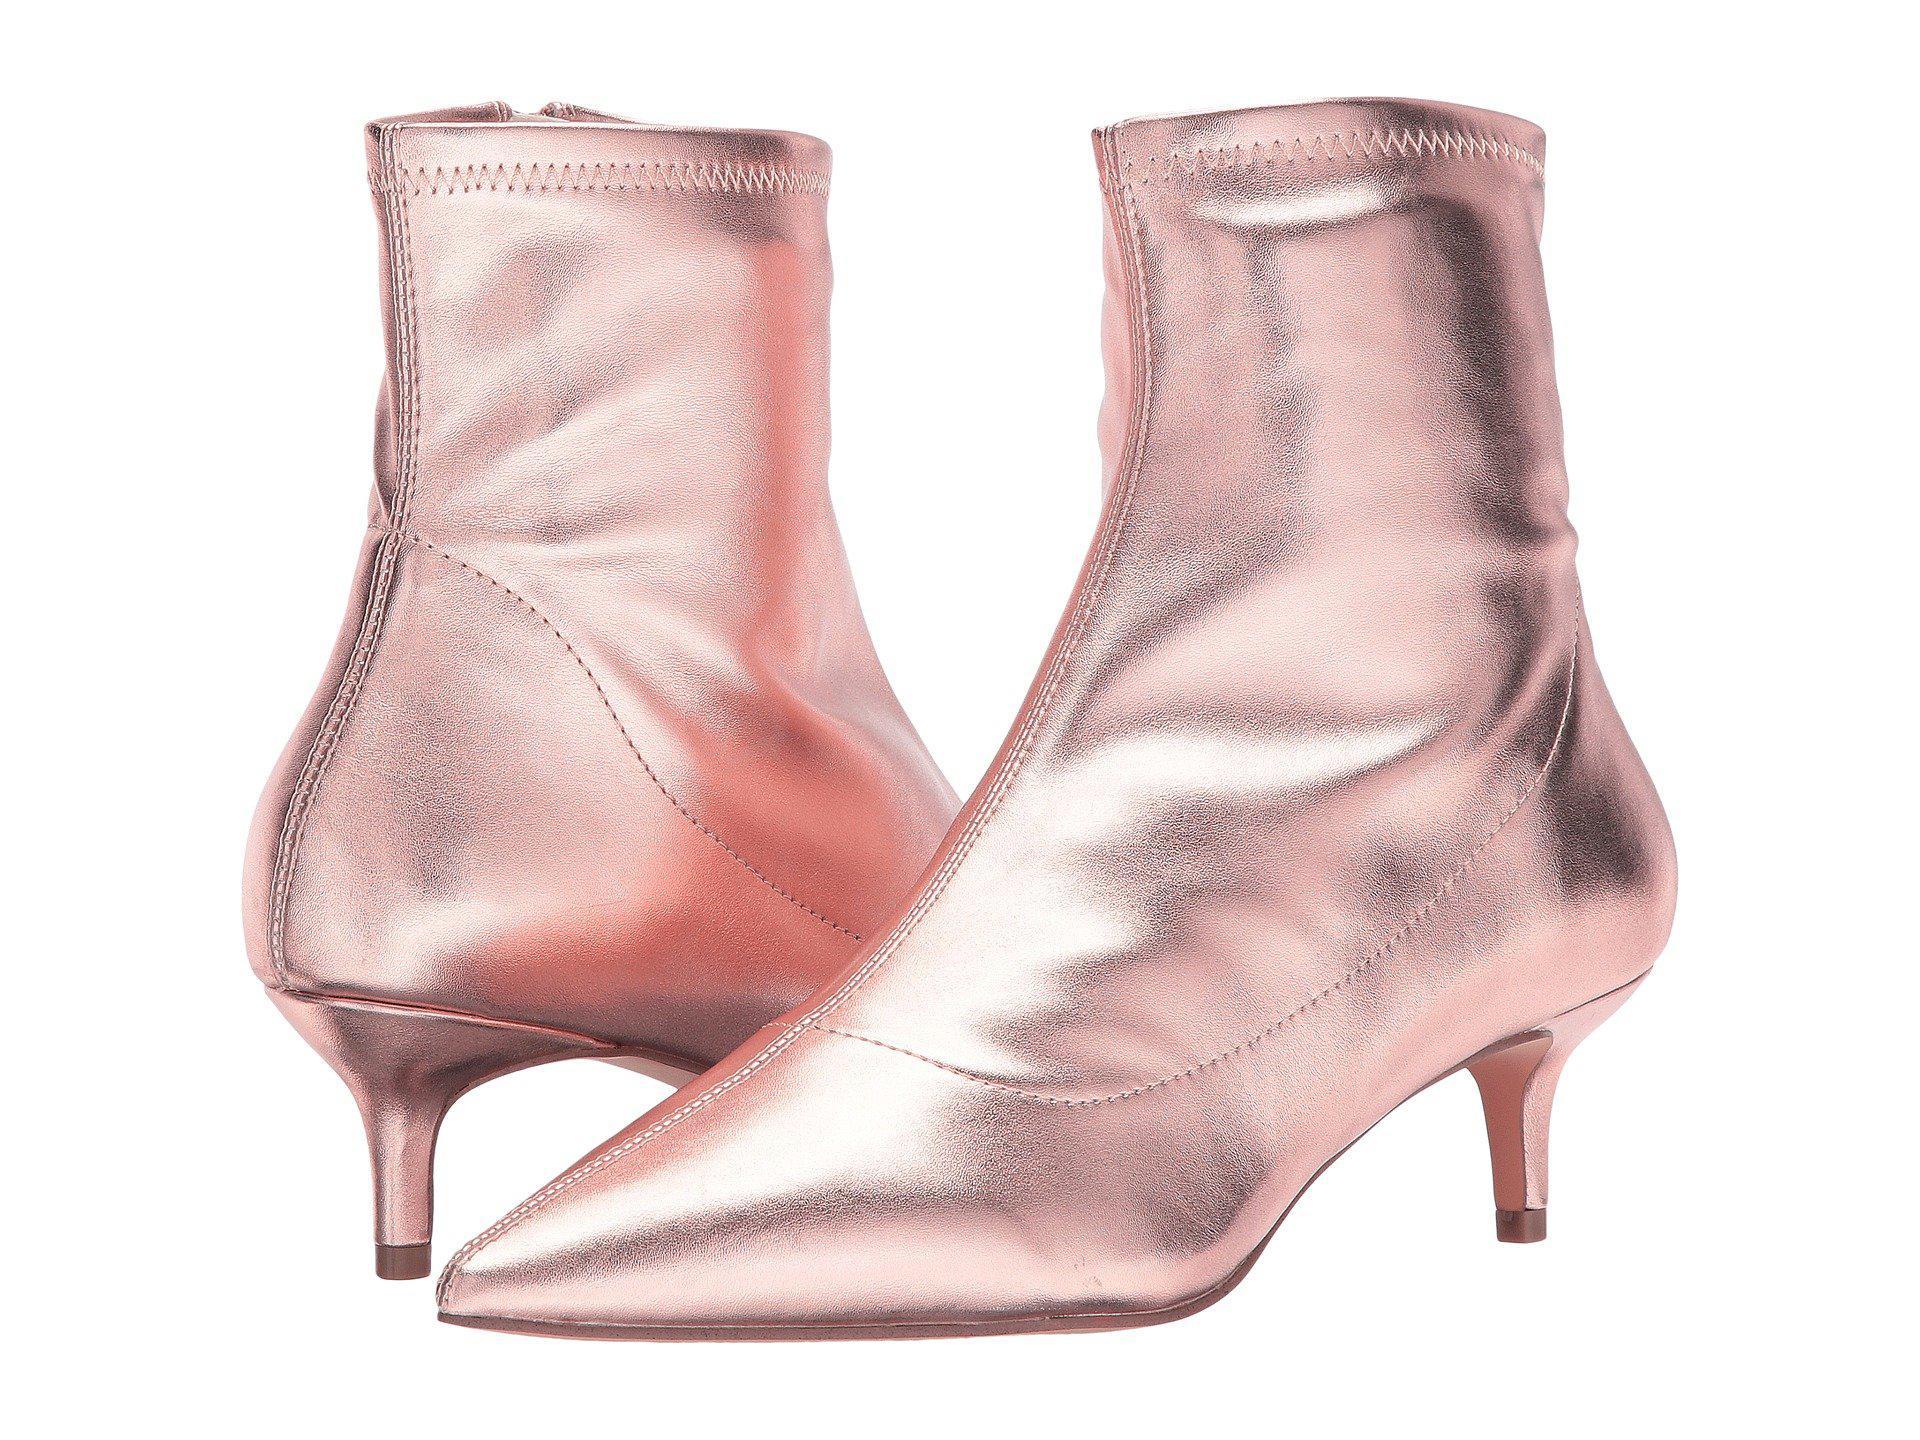 599fab17e80 Lyst - Free People Marilyn Kitten Heel in Pink - Save 57%